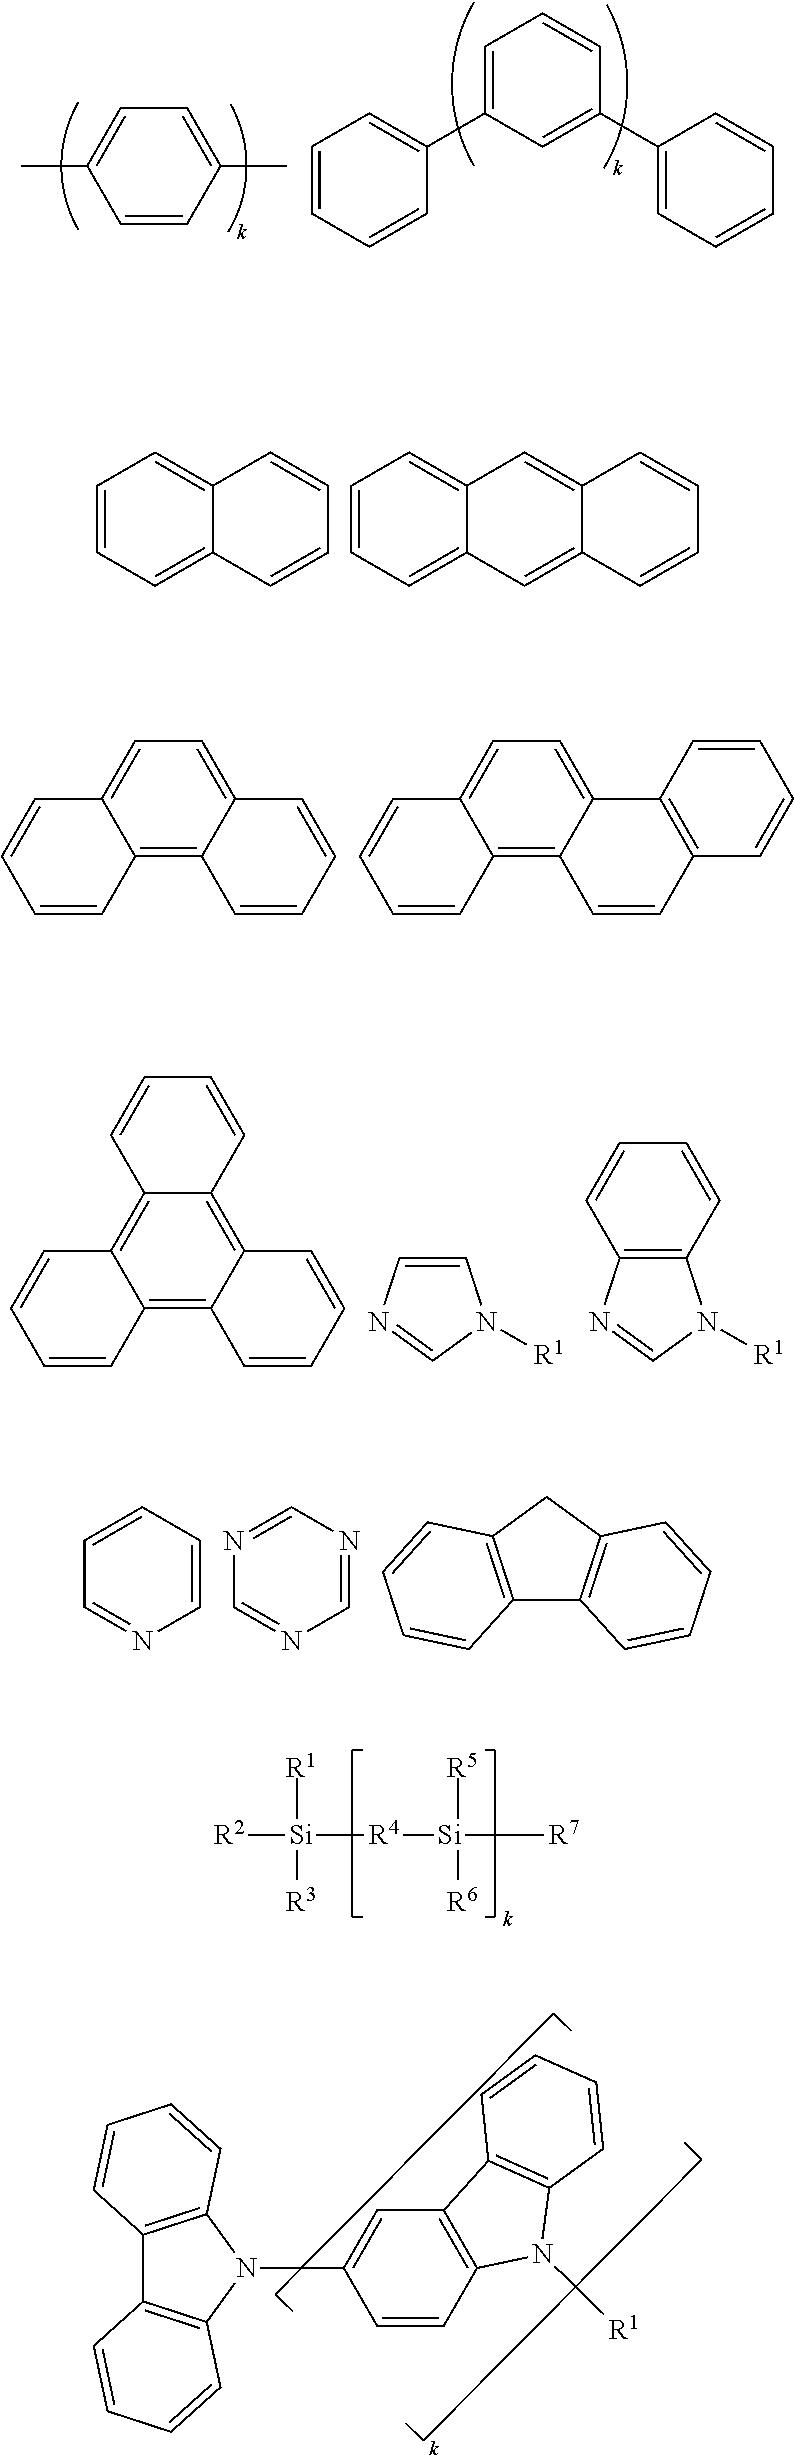 Figure US09210810-20151208-C00007